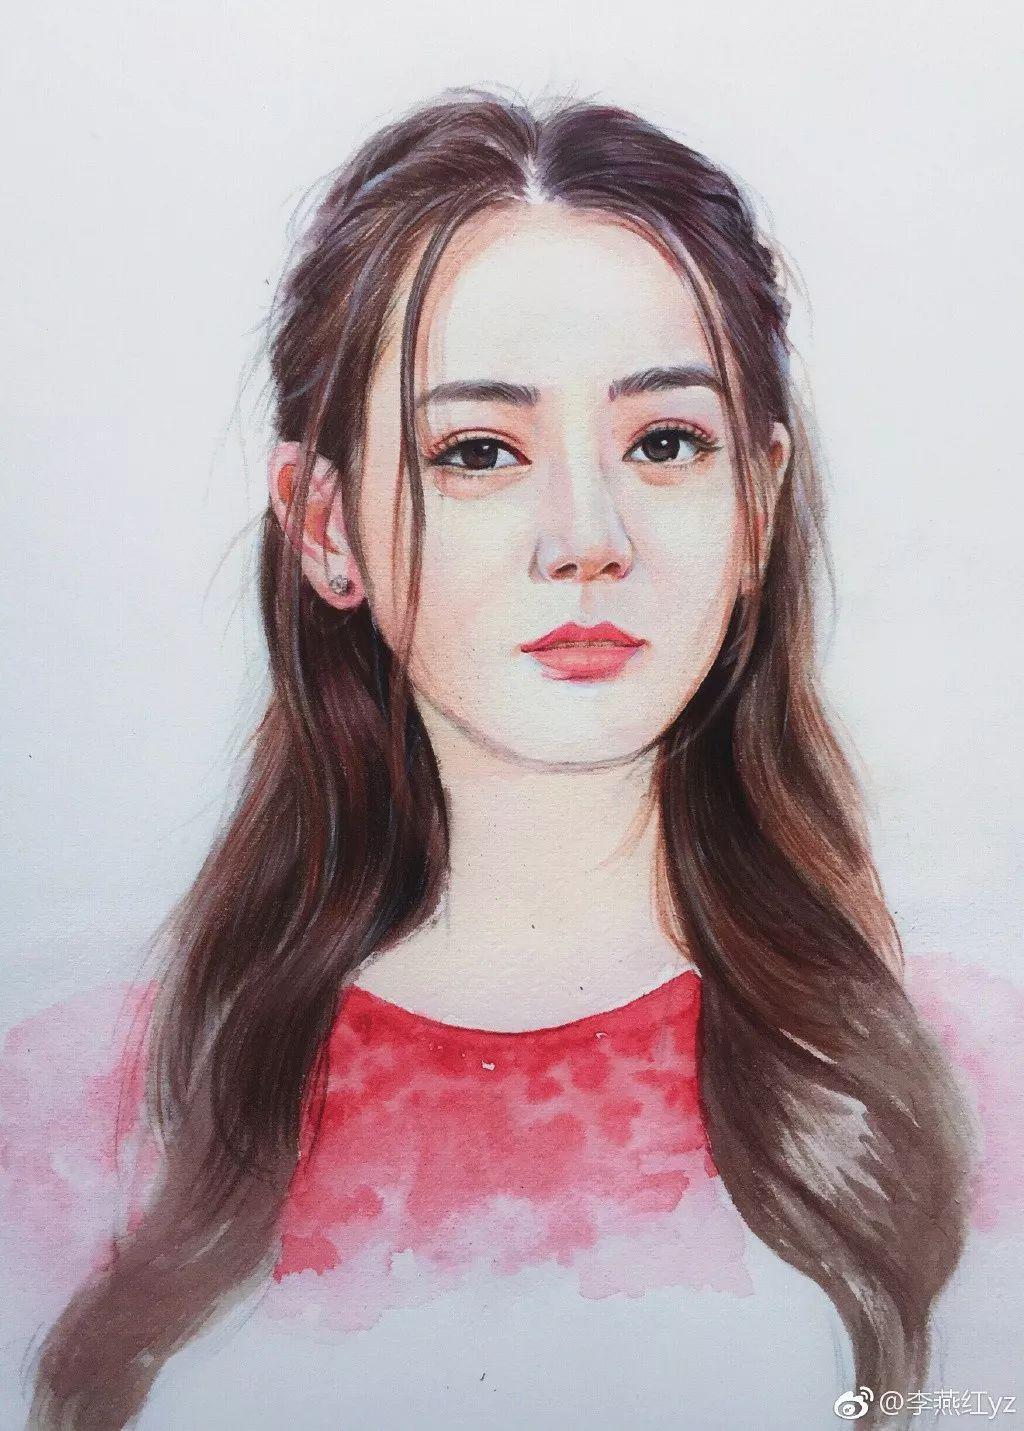 彩铅手绘蔡徐坤